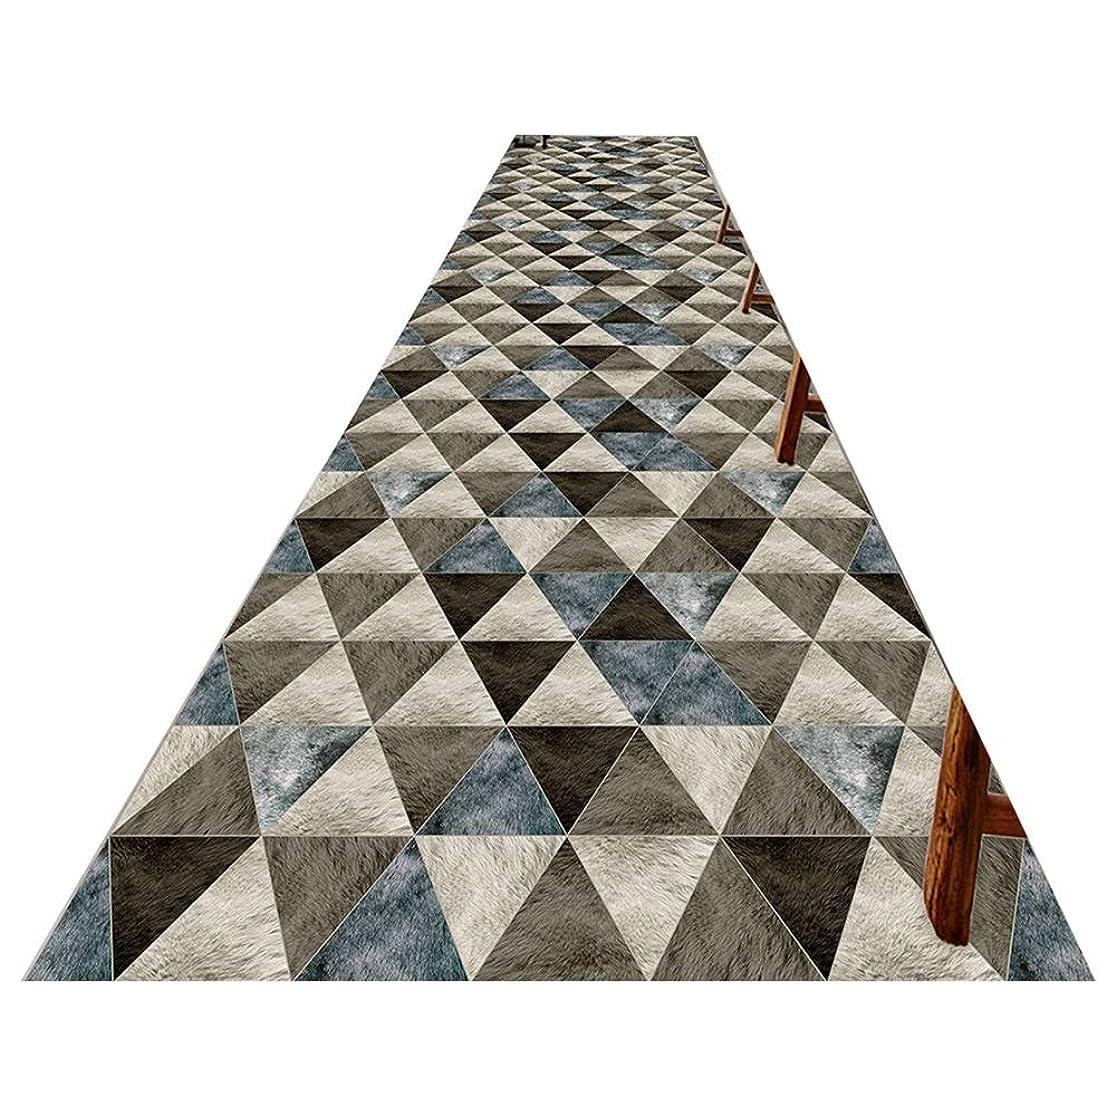 氏副財政LJJL 廊下のカーペット 現代グレーで廊下ランナーラグ - トライアングル幾何学的パターンエリア敷物非ホームオフィスキッチンベッドルームの床の場合は、カーペットをスリップ(サイズ:W60cmがH100cmをX) (Size : 100×100CM)